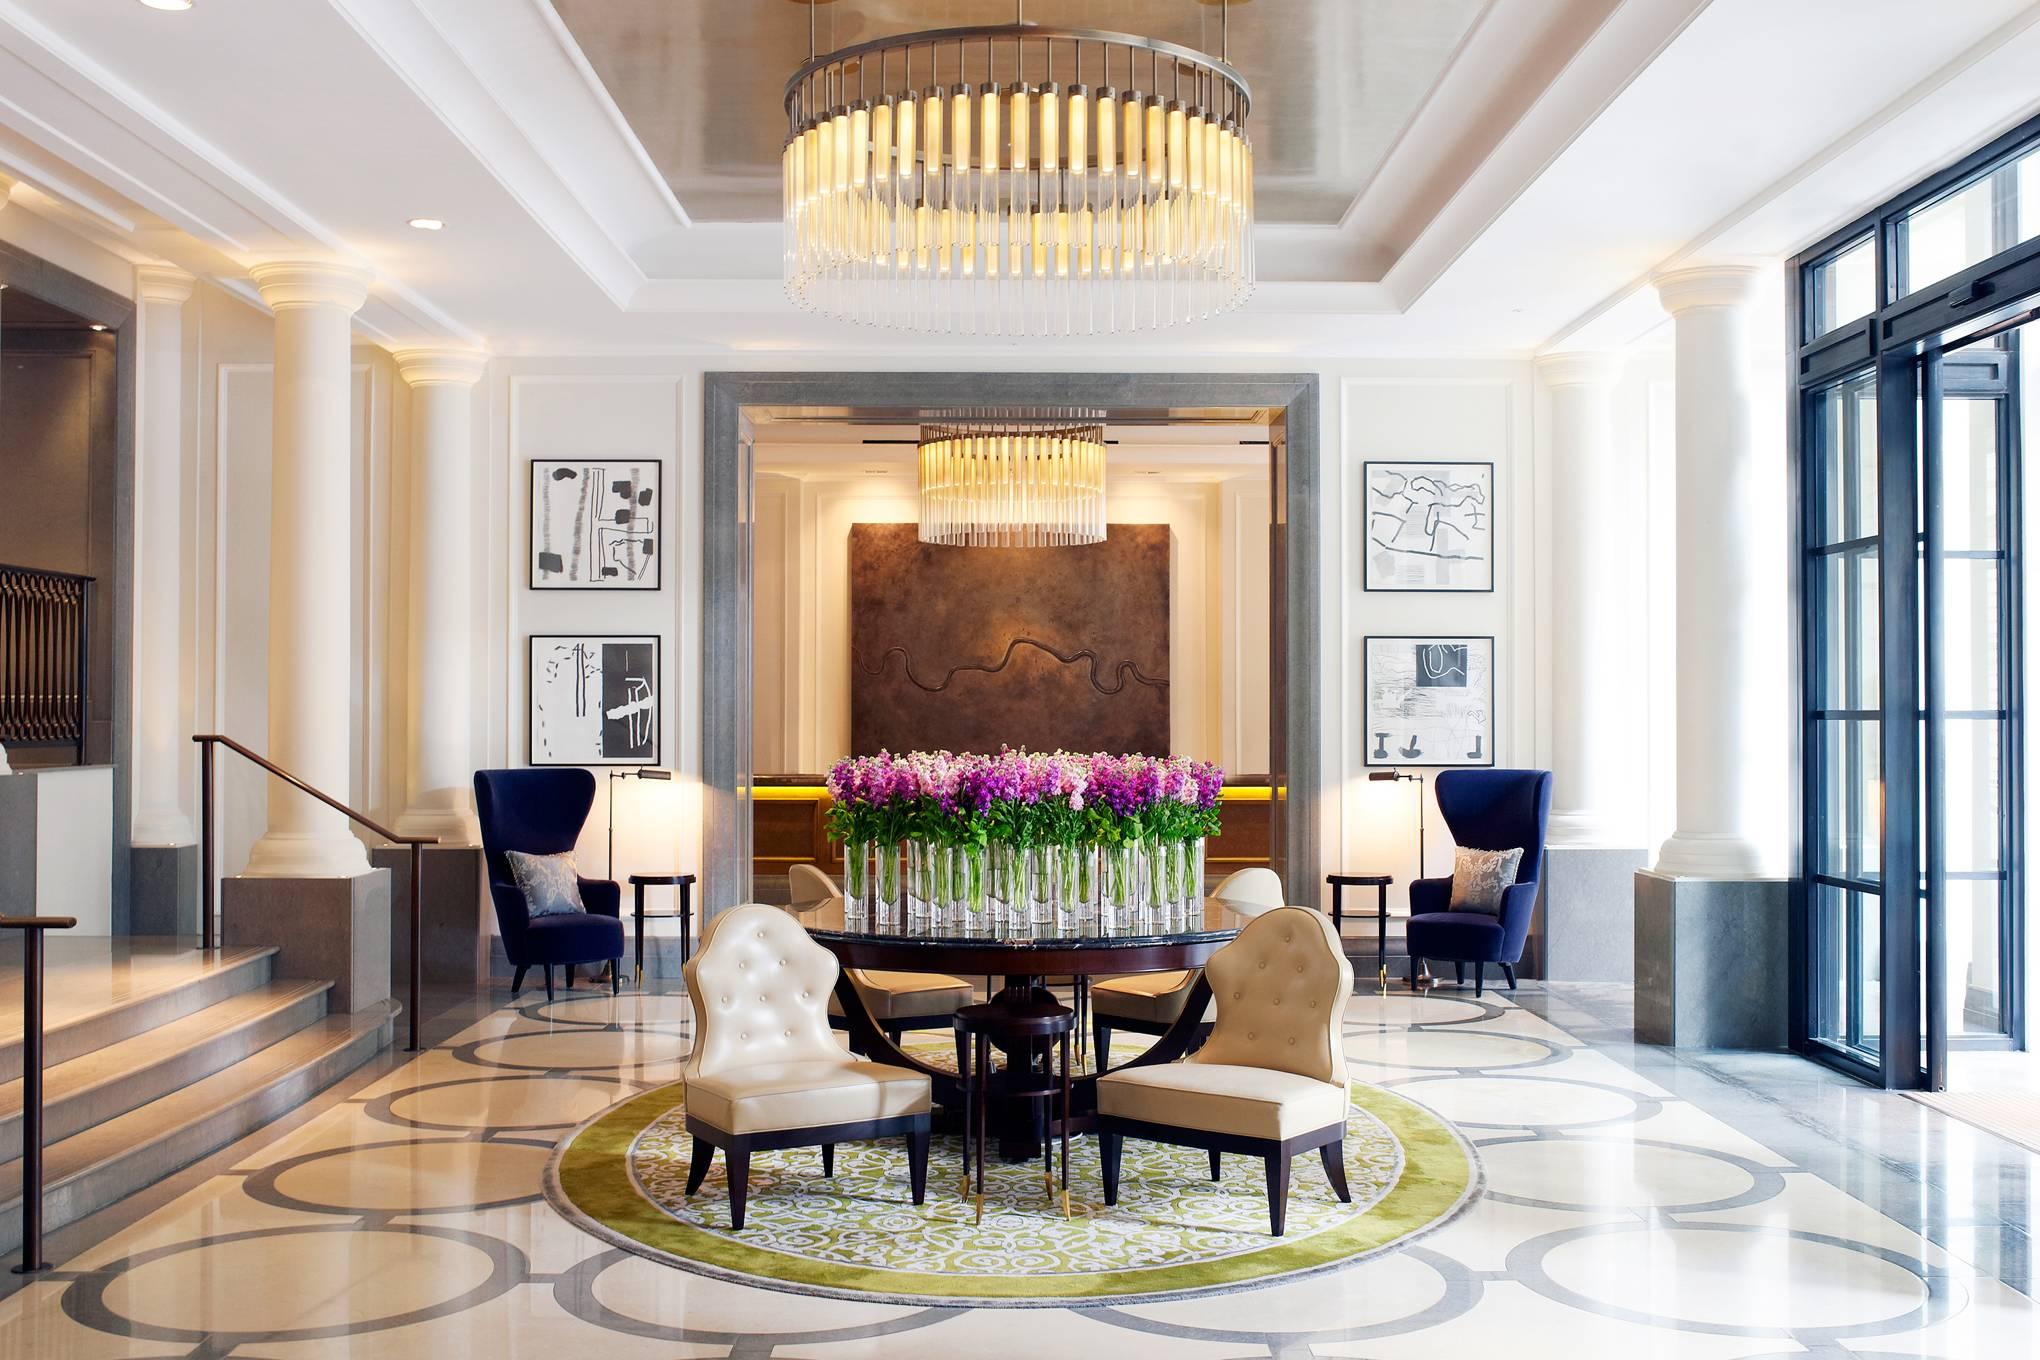 Corinthia London Hotel review